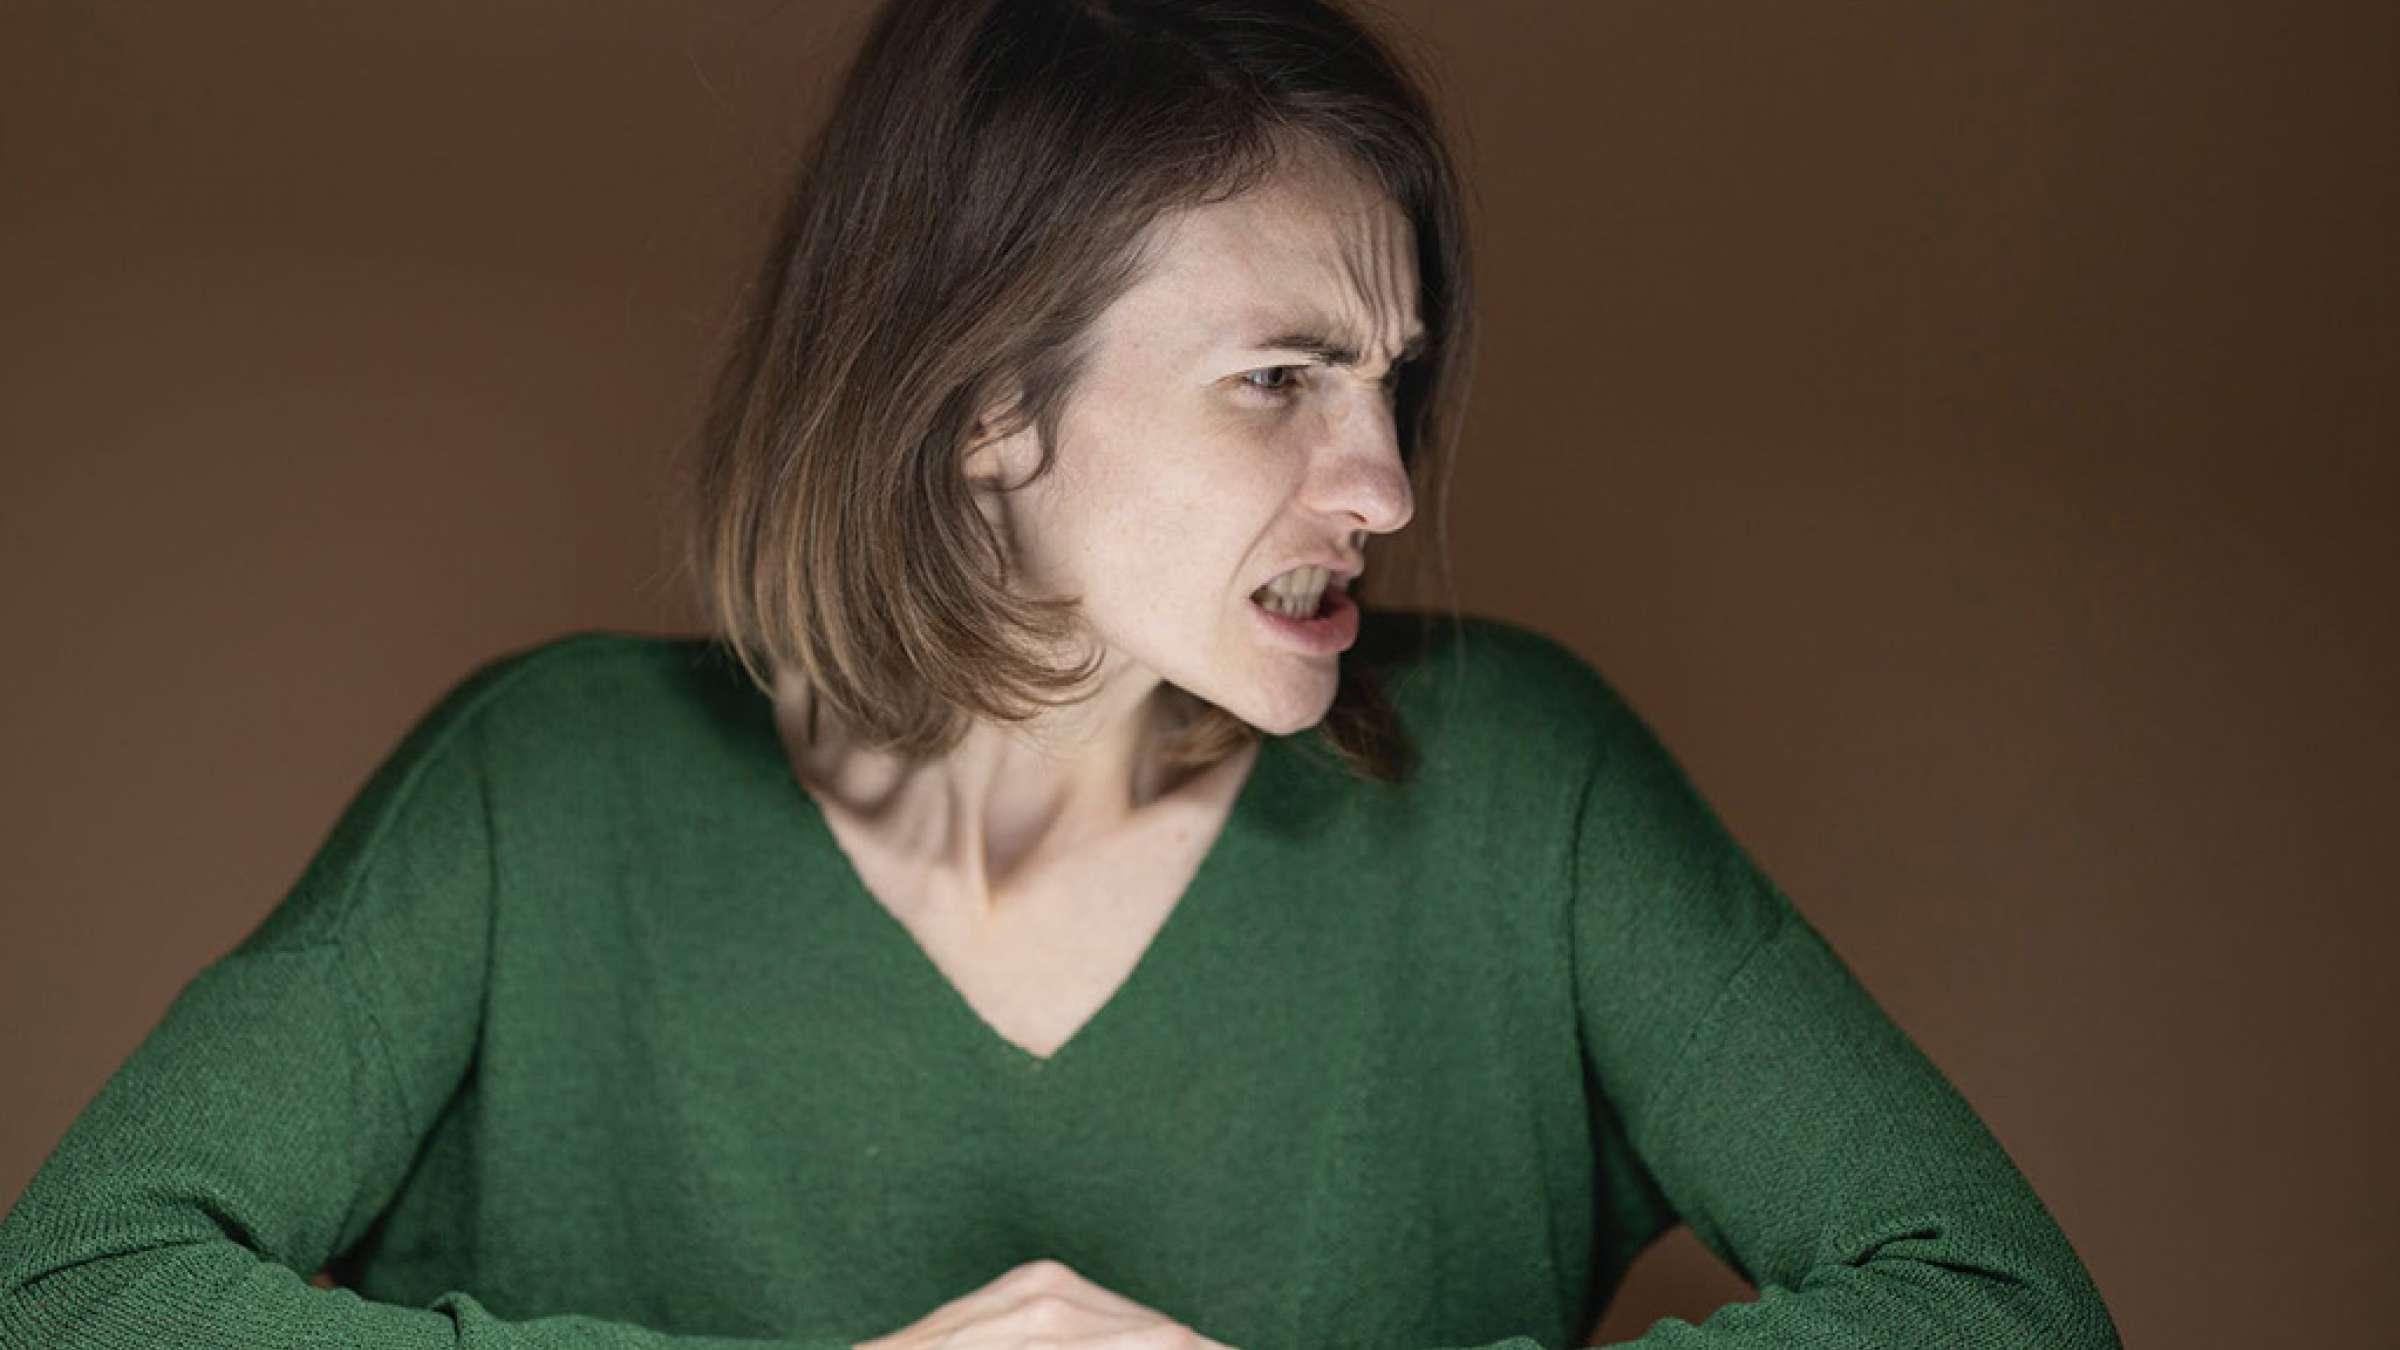 روانشناسی-داعی-شما-نمی-توانید-همسر-عصبانی-تان-را-اصلاح-نمائید